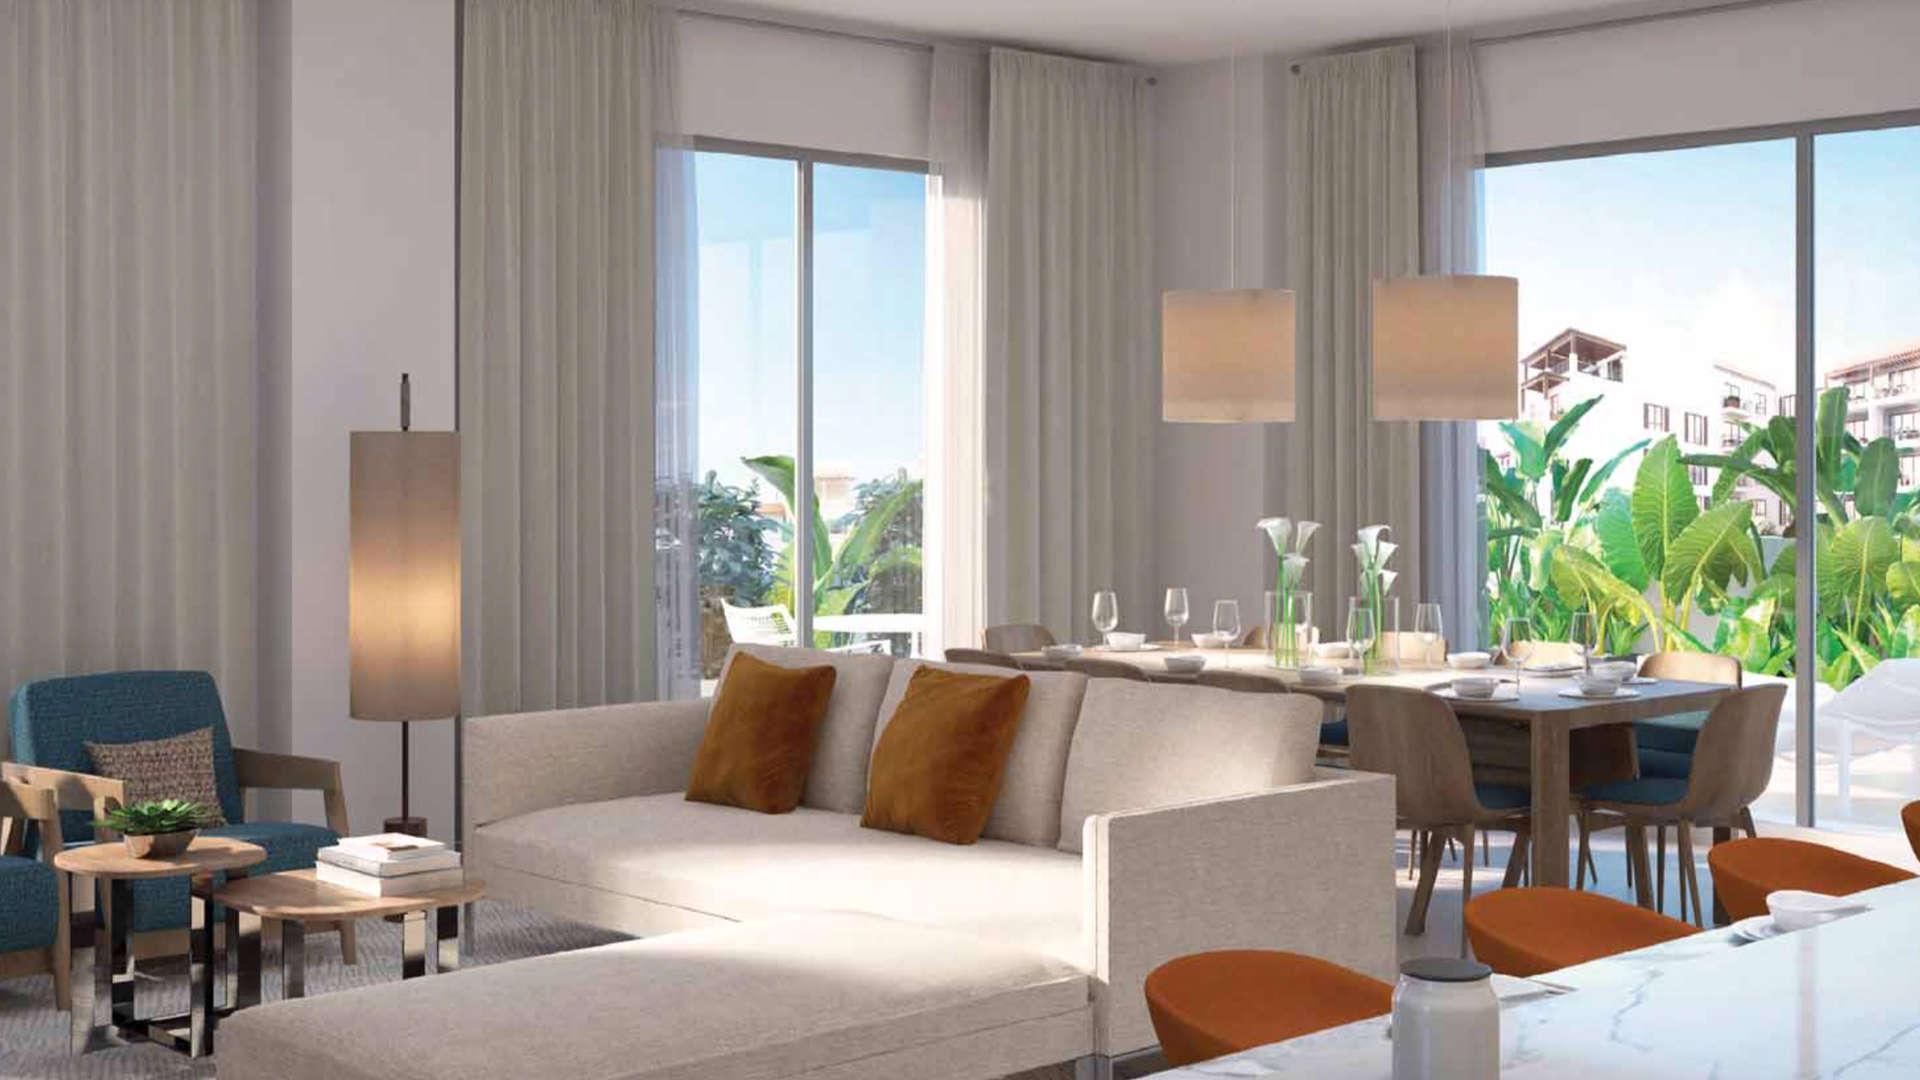 2 Bedroom Apartment in La Mer, Jumeirah, Dubai